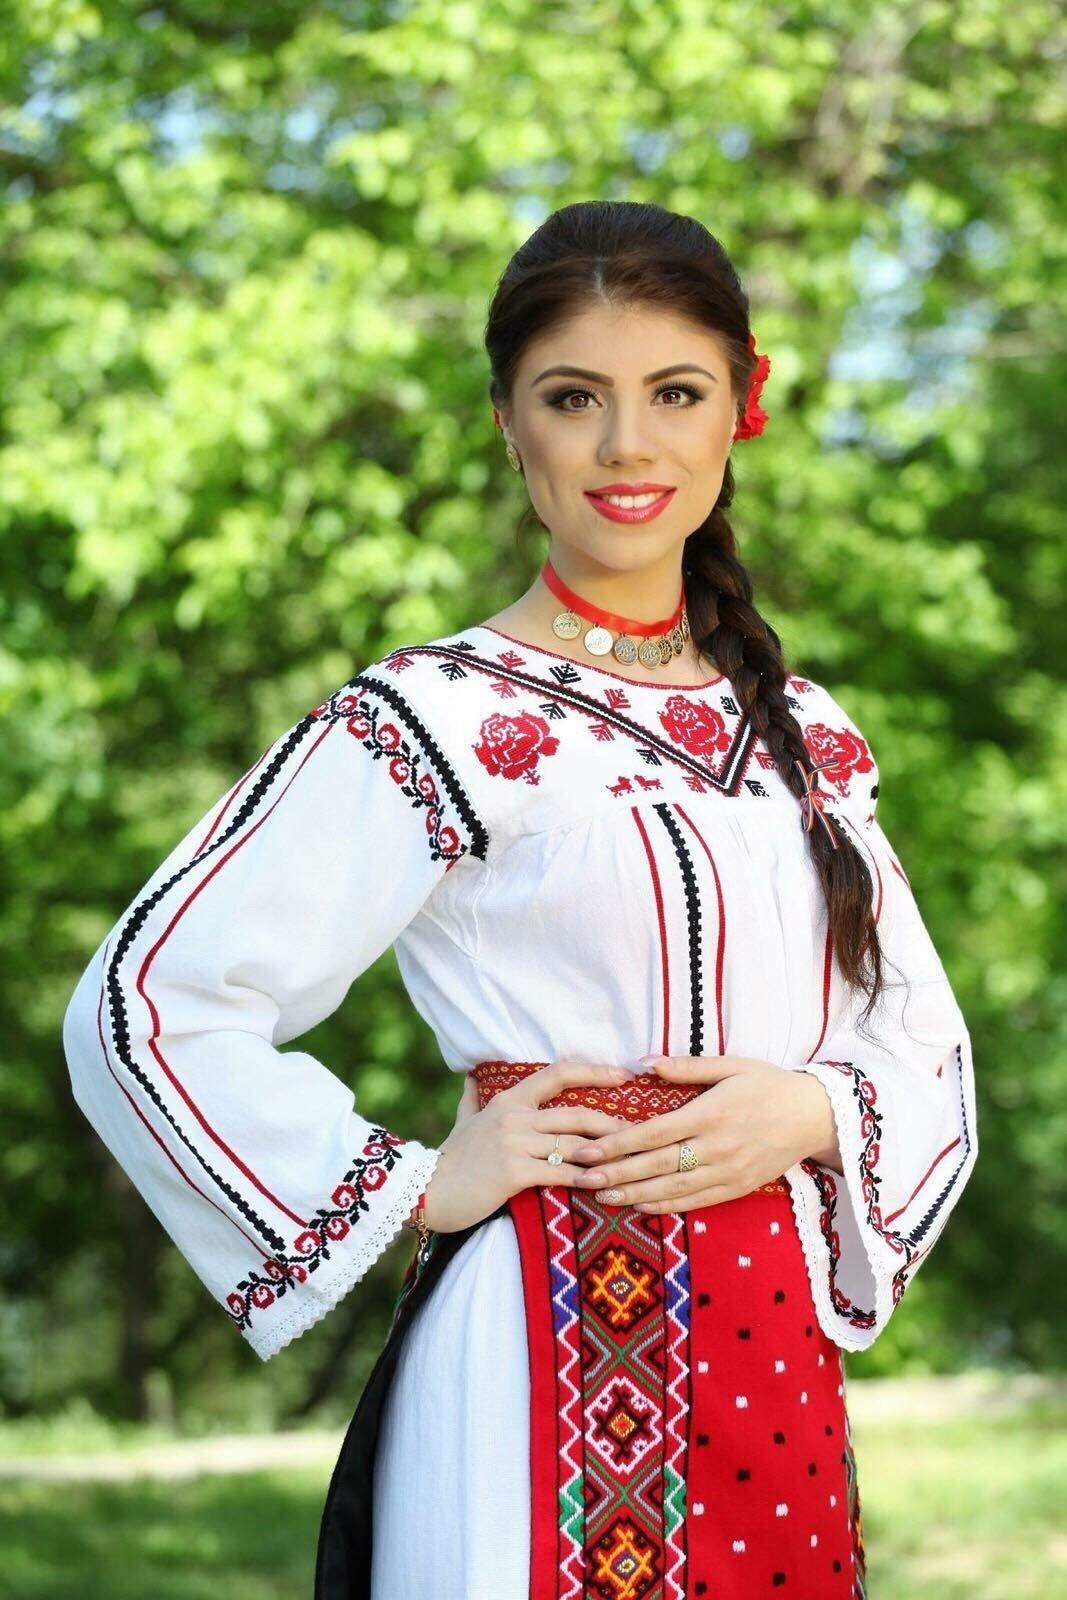 лишь фотосессия в молдавских костюмах надежные признаки